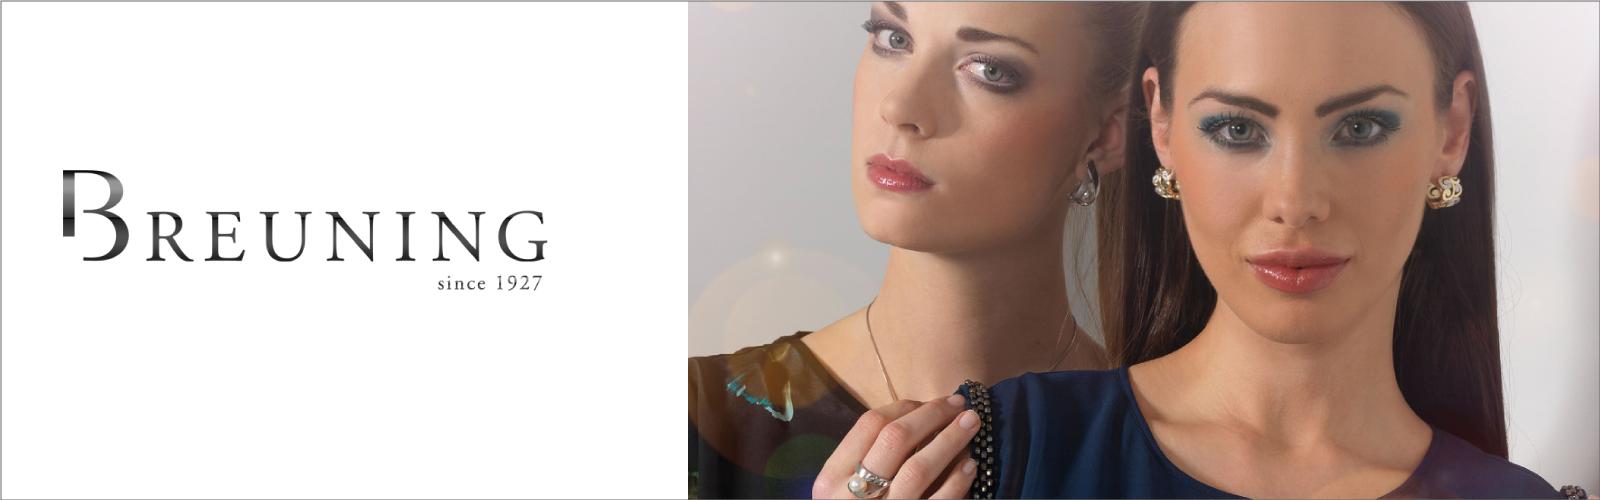 Breuning-zilver-sieraden-bij-Wolters-Juweliers-Coevorden-Emmen